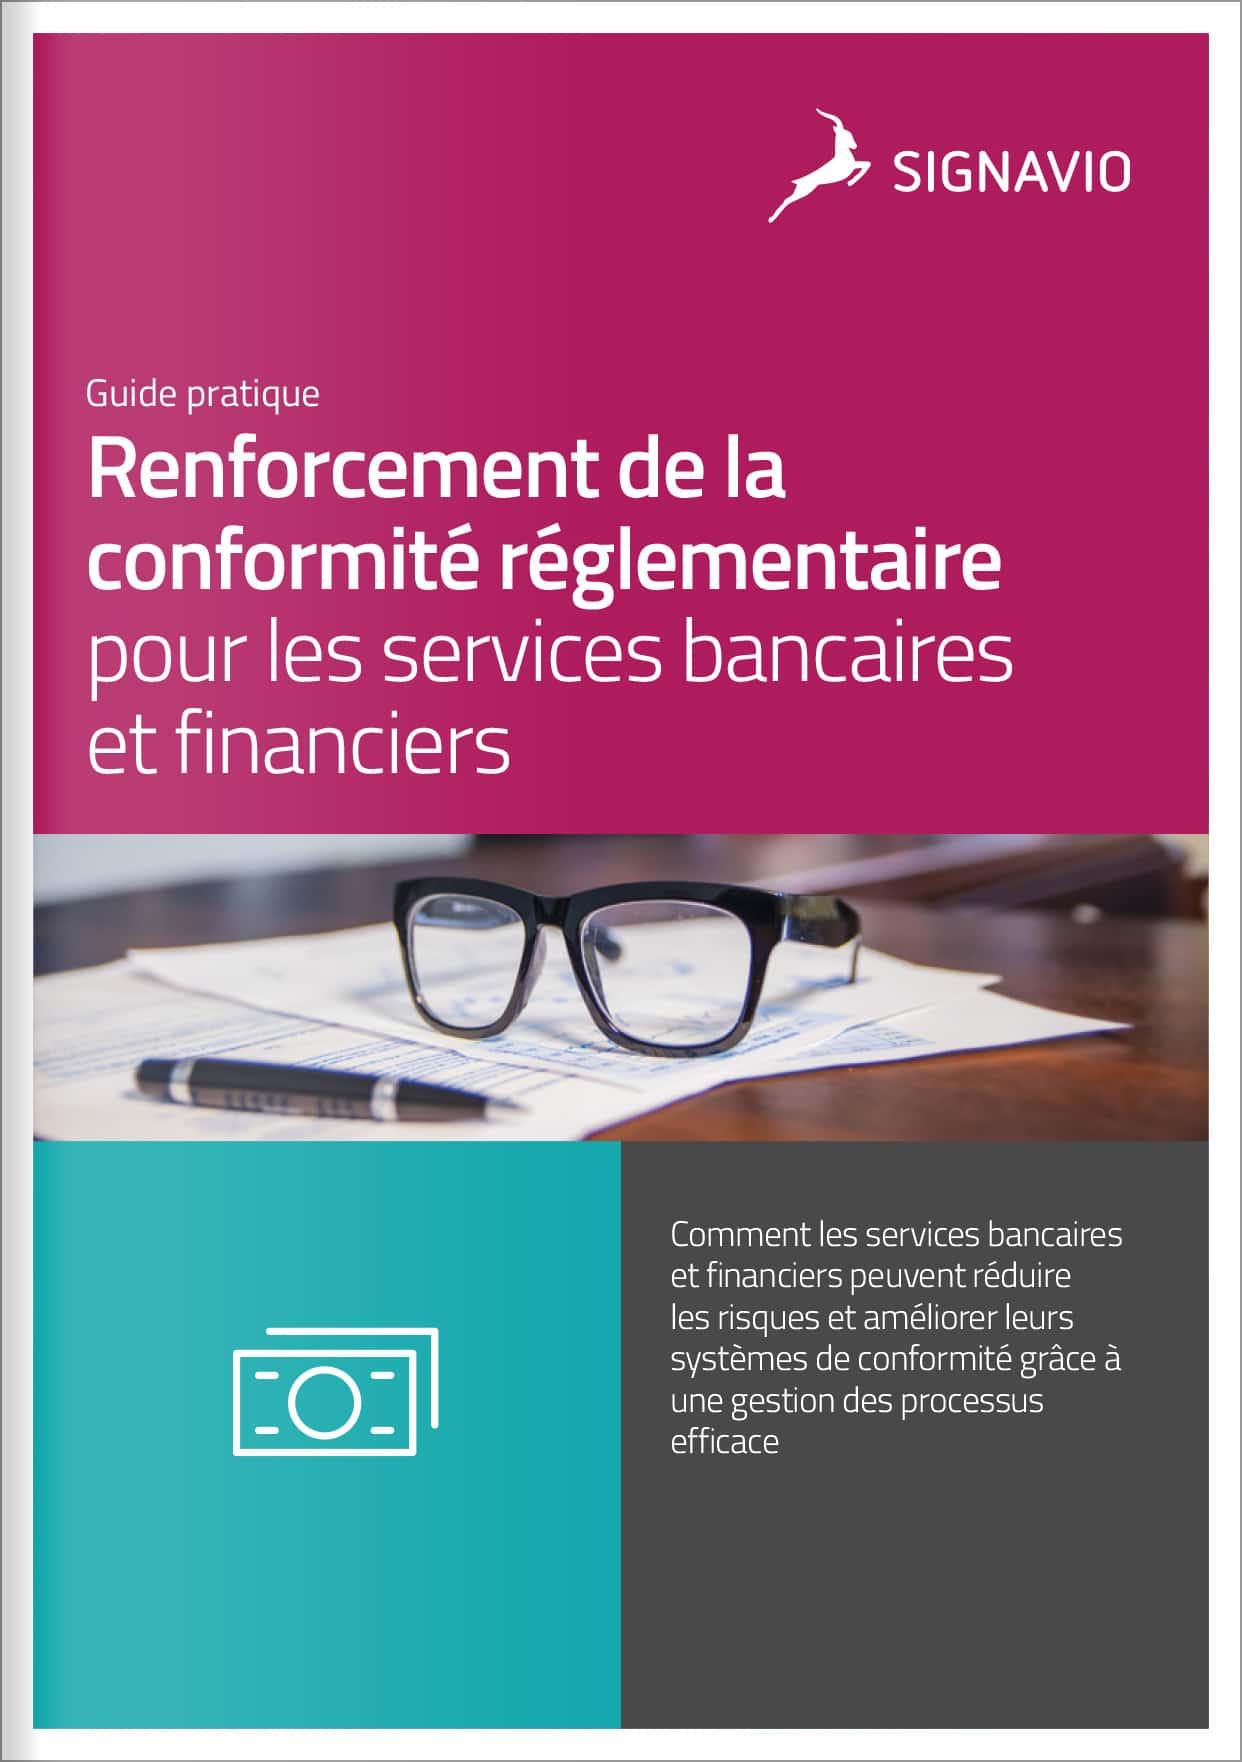 Renforcement de la conformité réglementaire pour les services bancaires et financiers